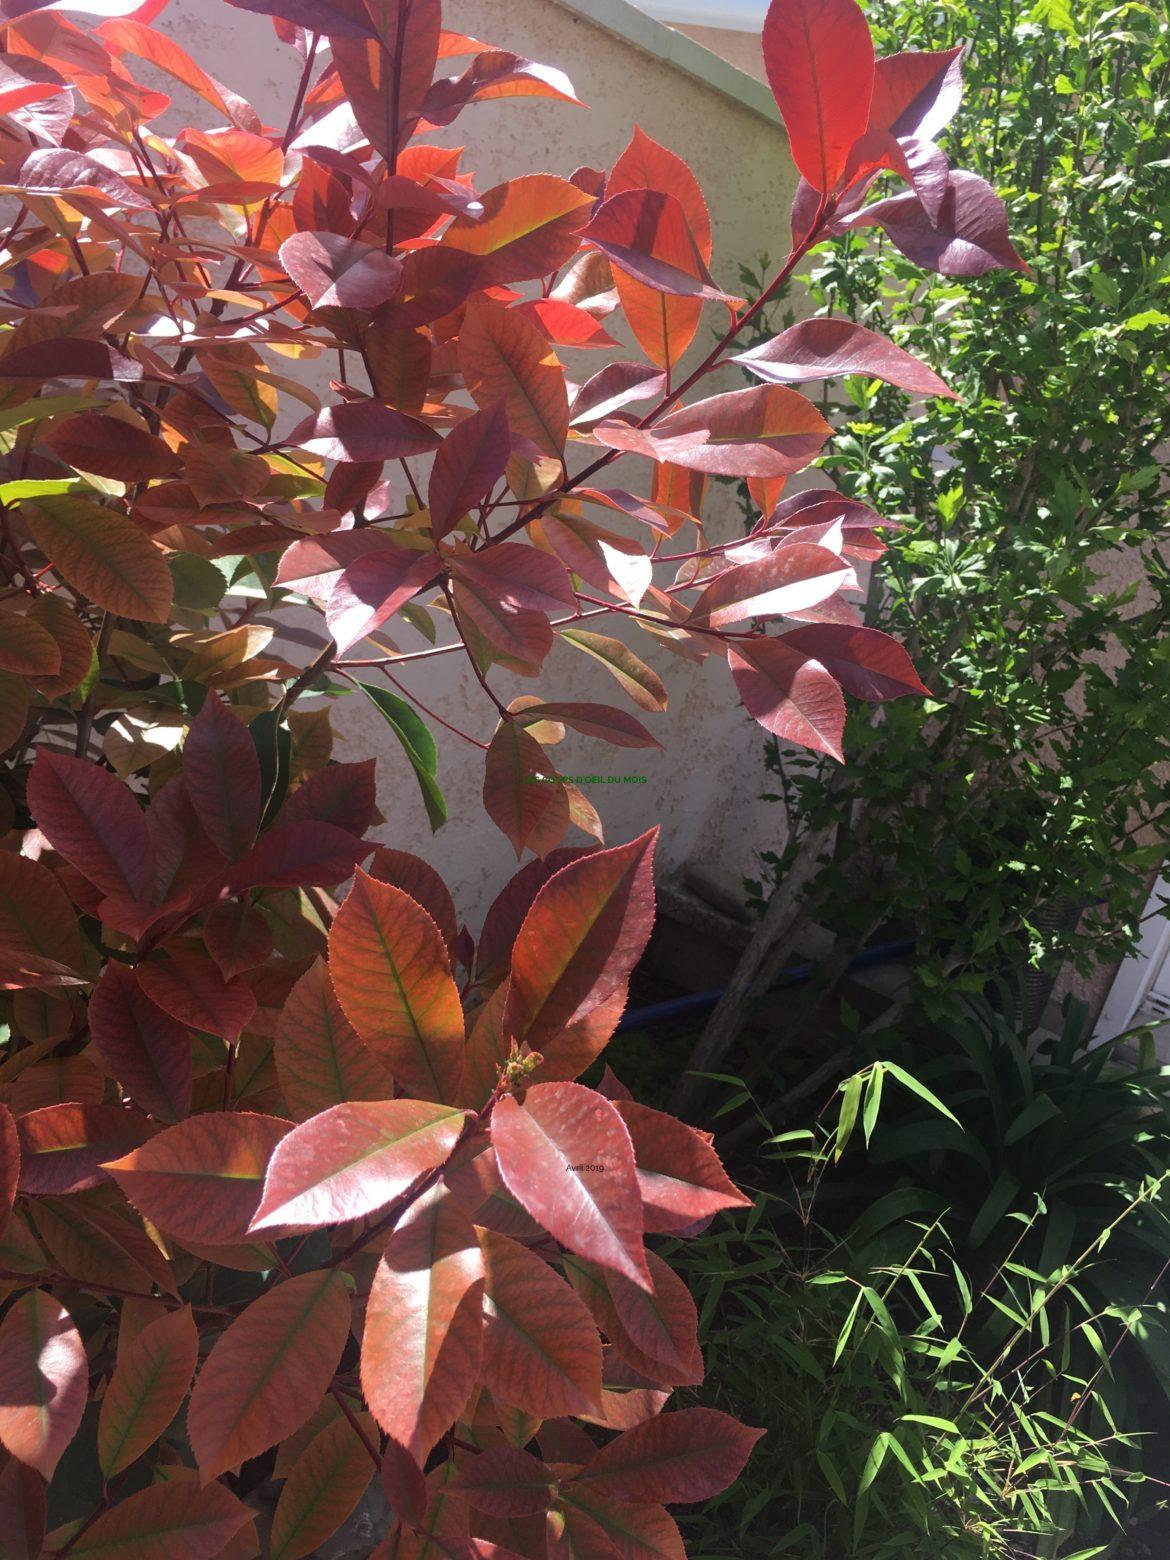 Les coups d'oeil du mois - Avril 2019 : jardin au printemps